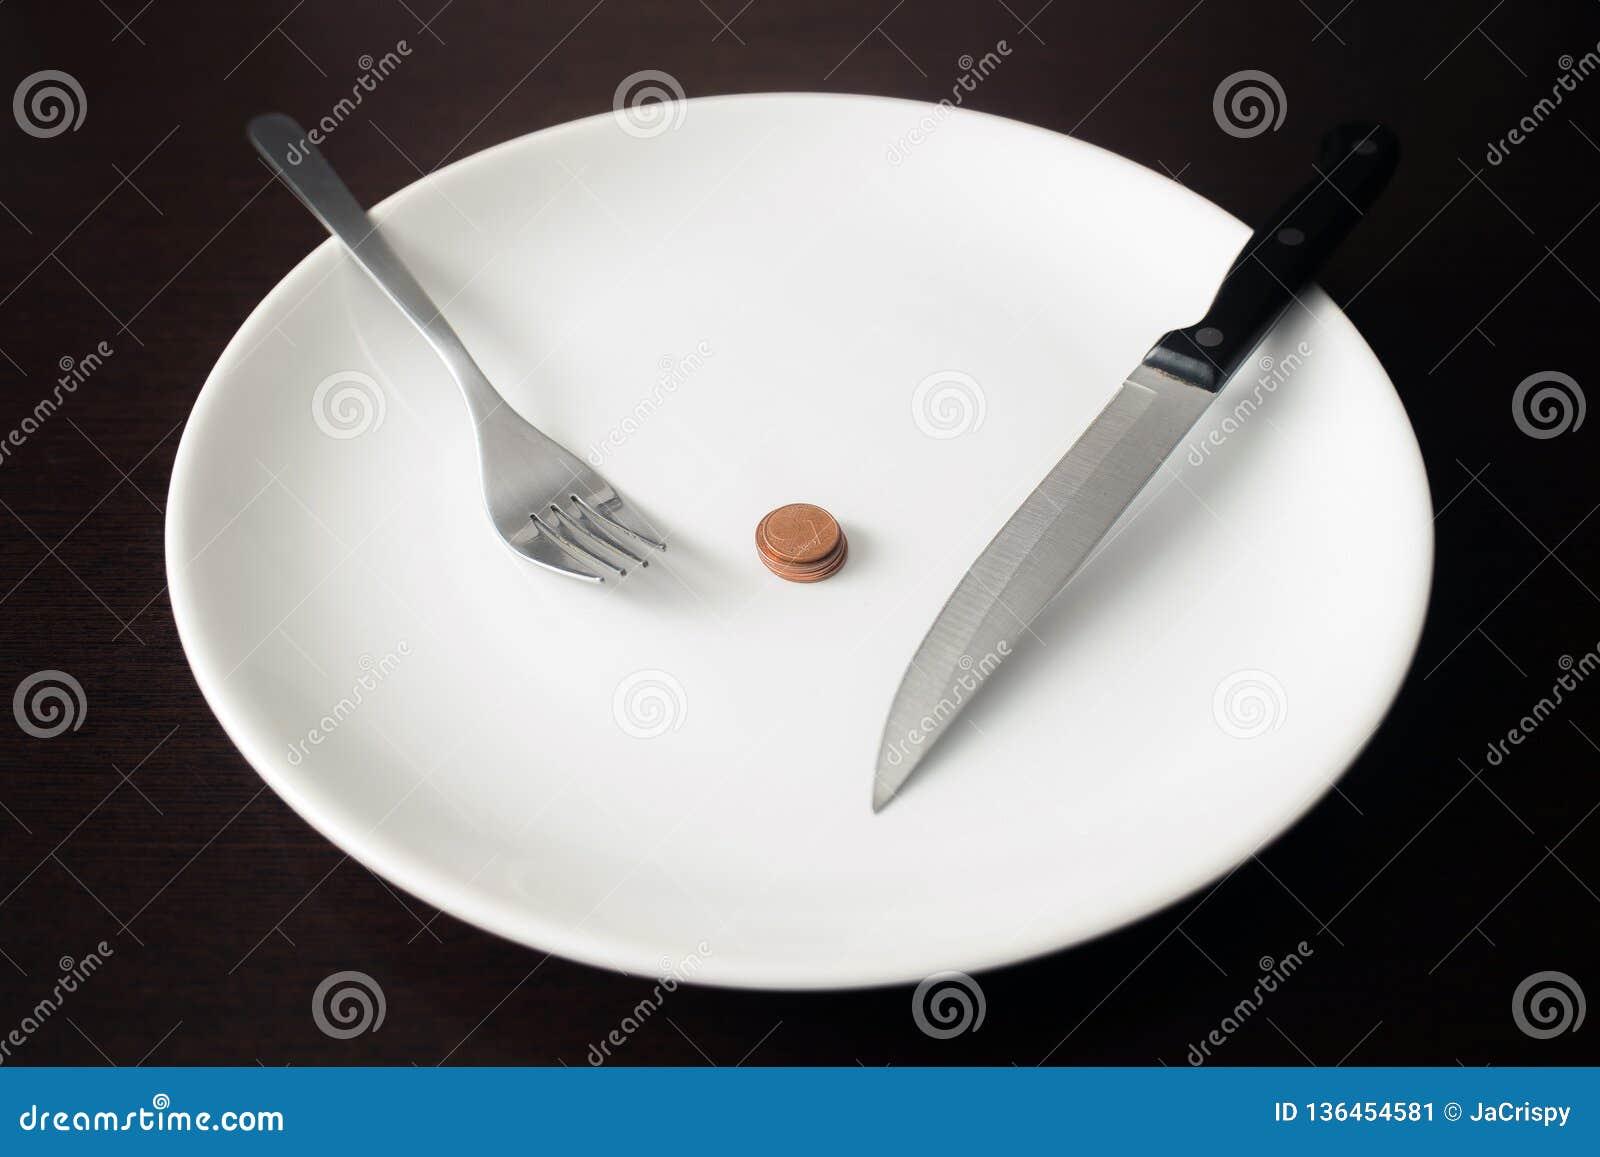 Здоровая еда, бедность, сохраняя деньги: монетки на белой плите на столовой